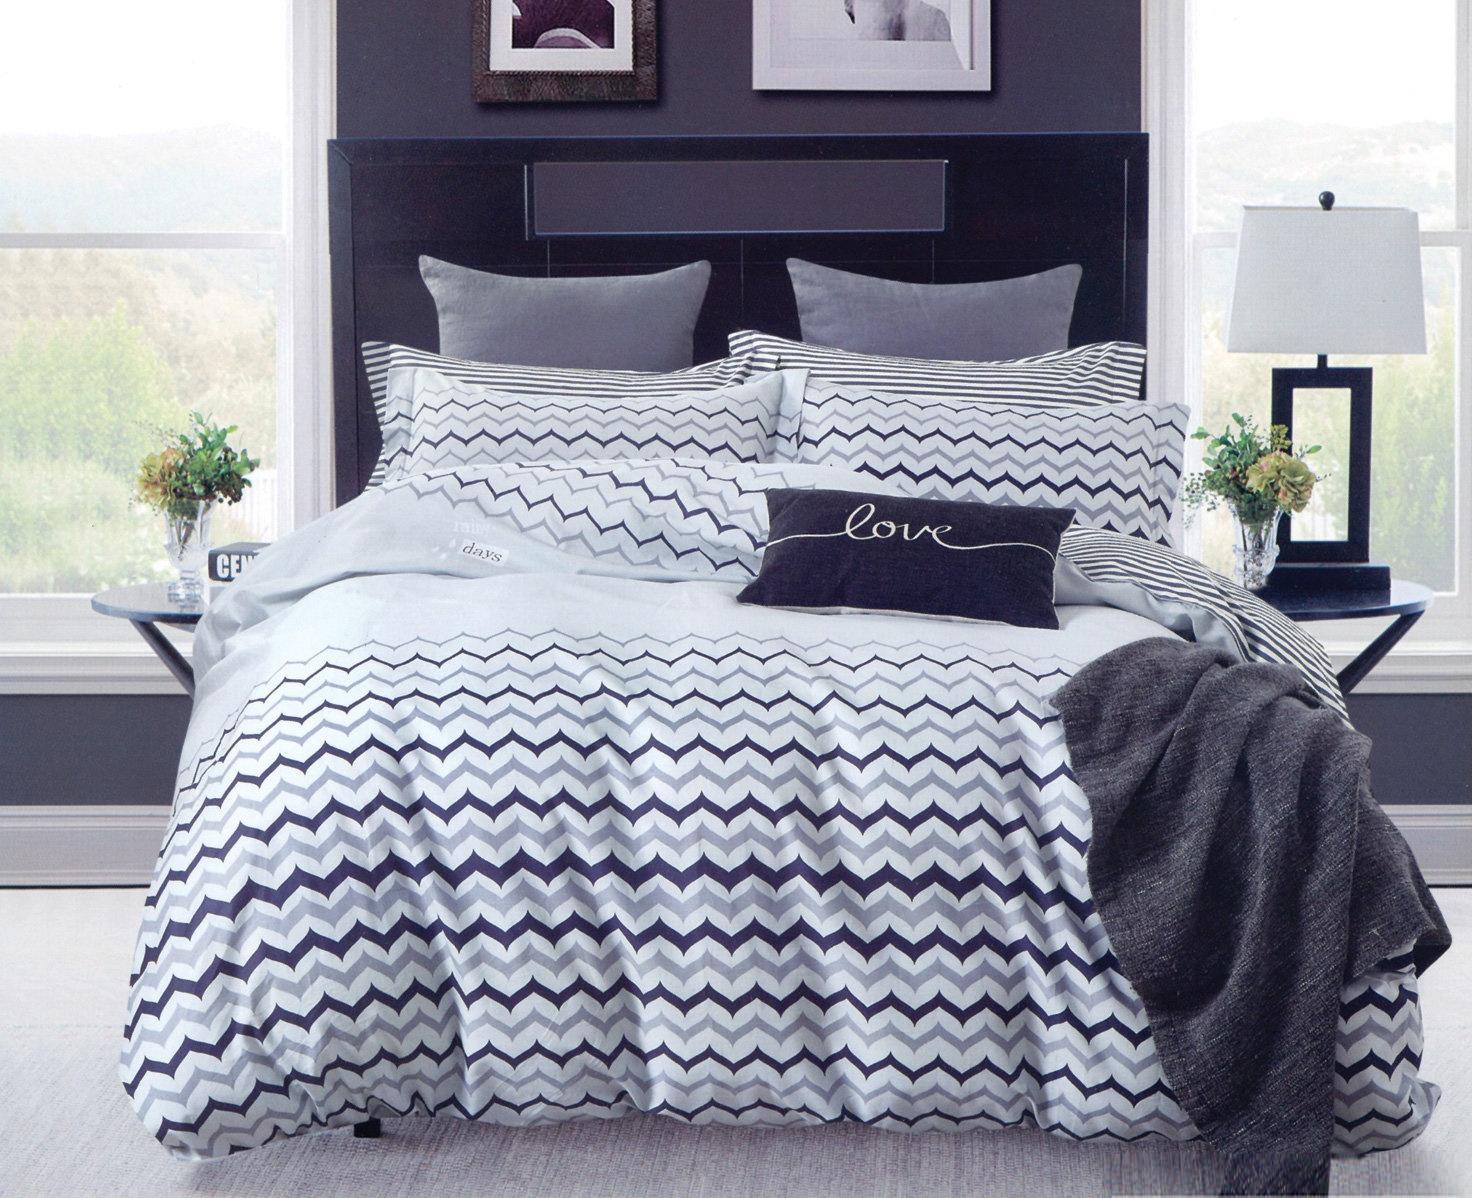 Комплект постельного белья Дом Текстиля SULYAN Лайт, черный, светло-серый, серый, синий цена и фото